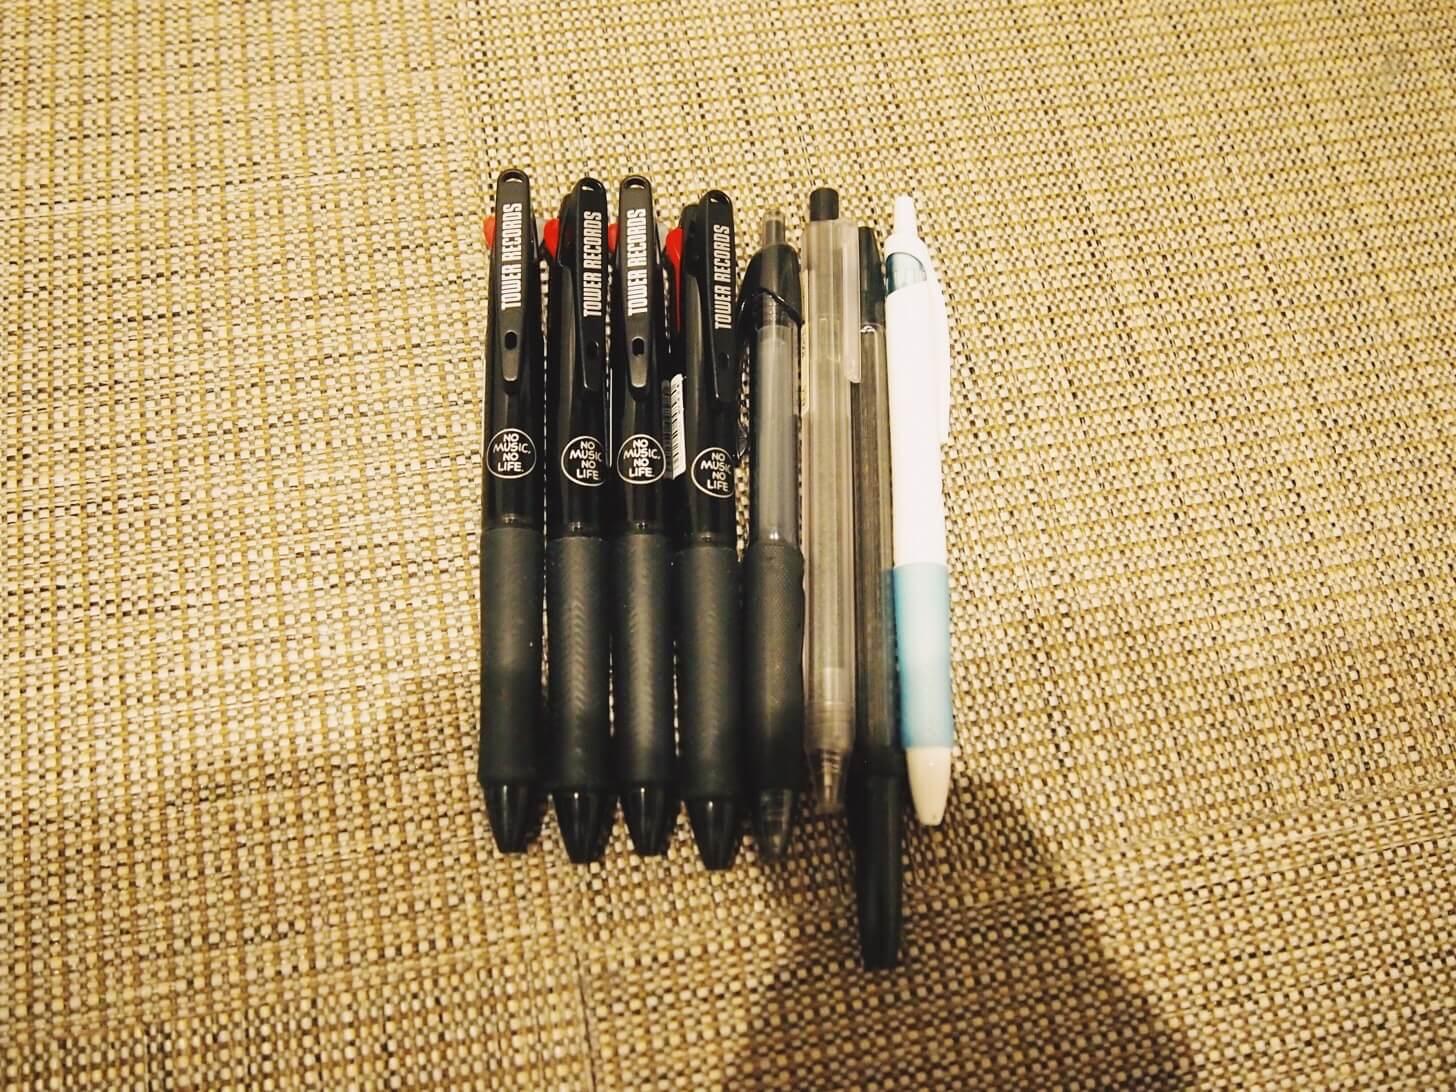 ボールペン類